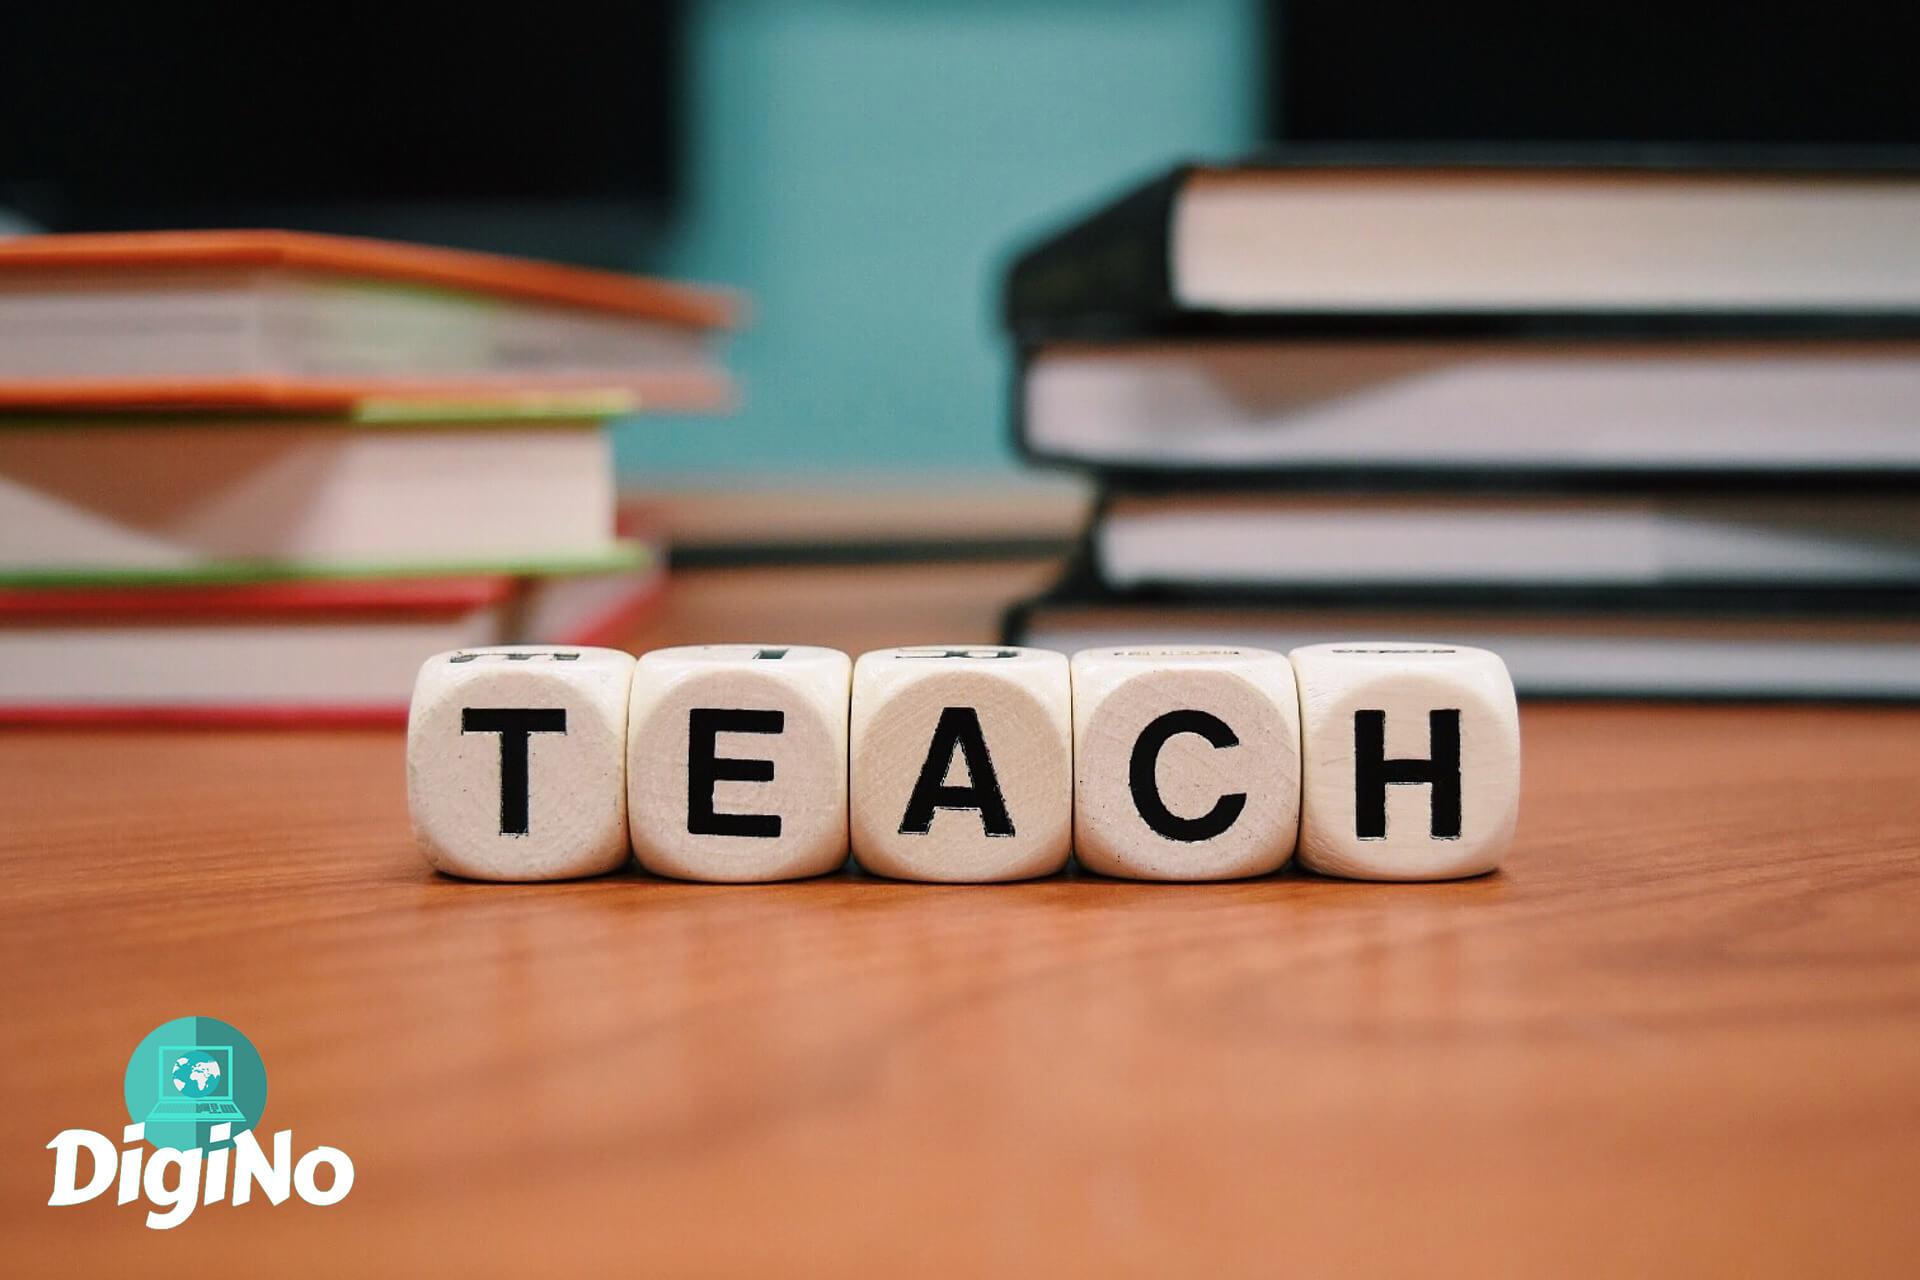 DigiNo Teach